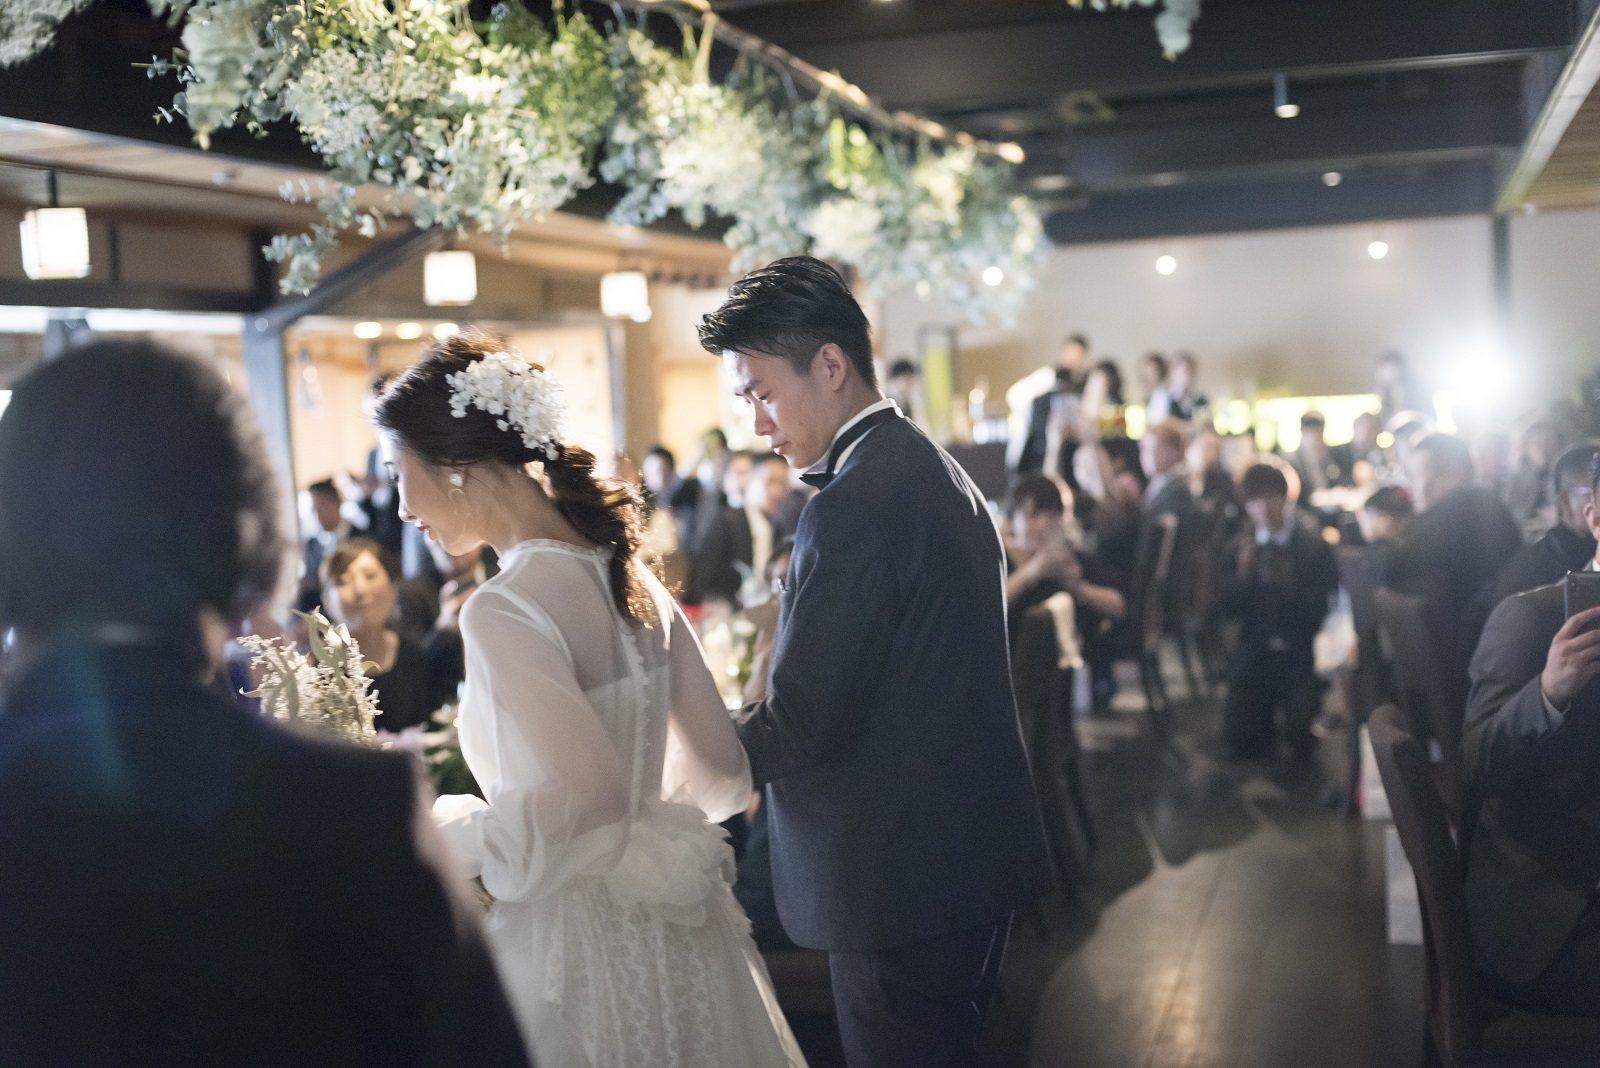 香川県高松市の小さな結婚式相談カウンターマリマリコンシェルジュのご紹介式場 弓絃葉の新郎新婦の入場